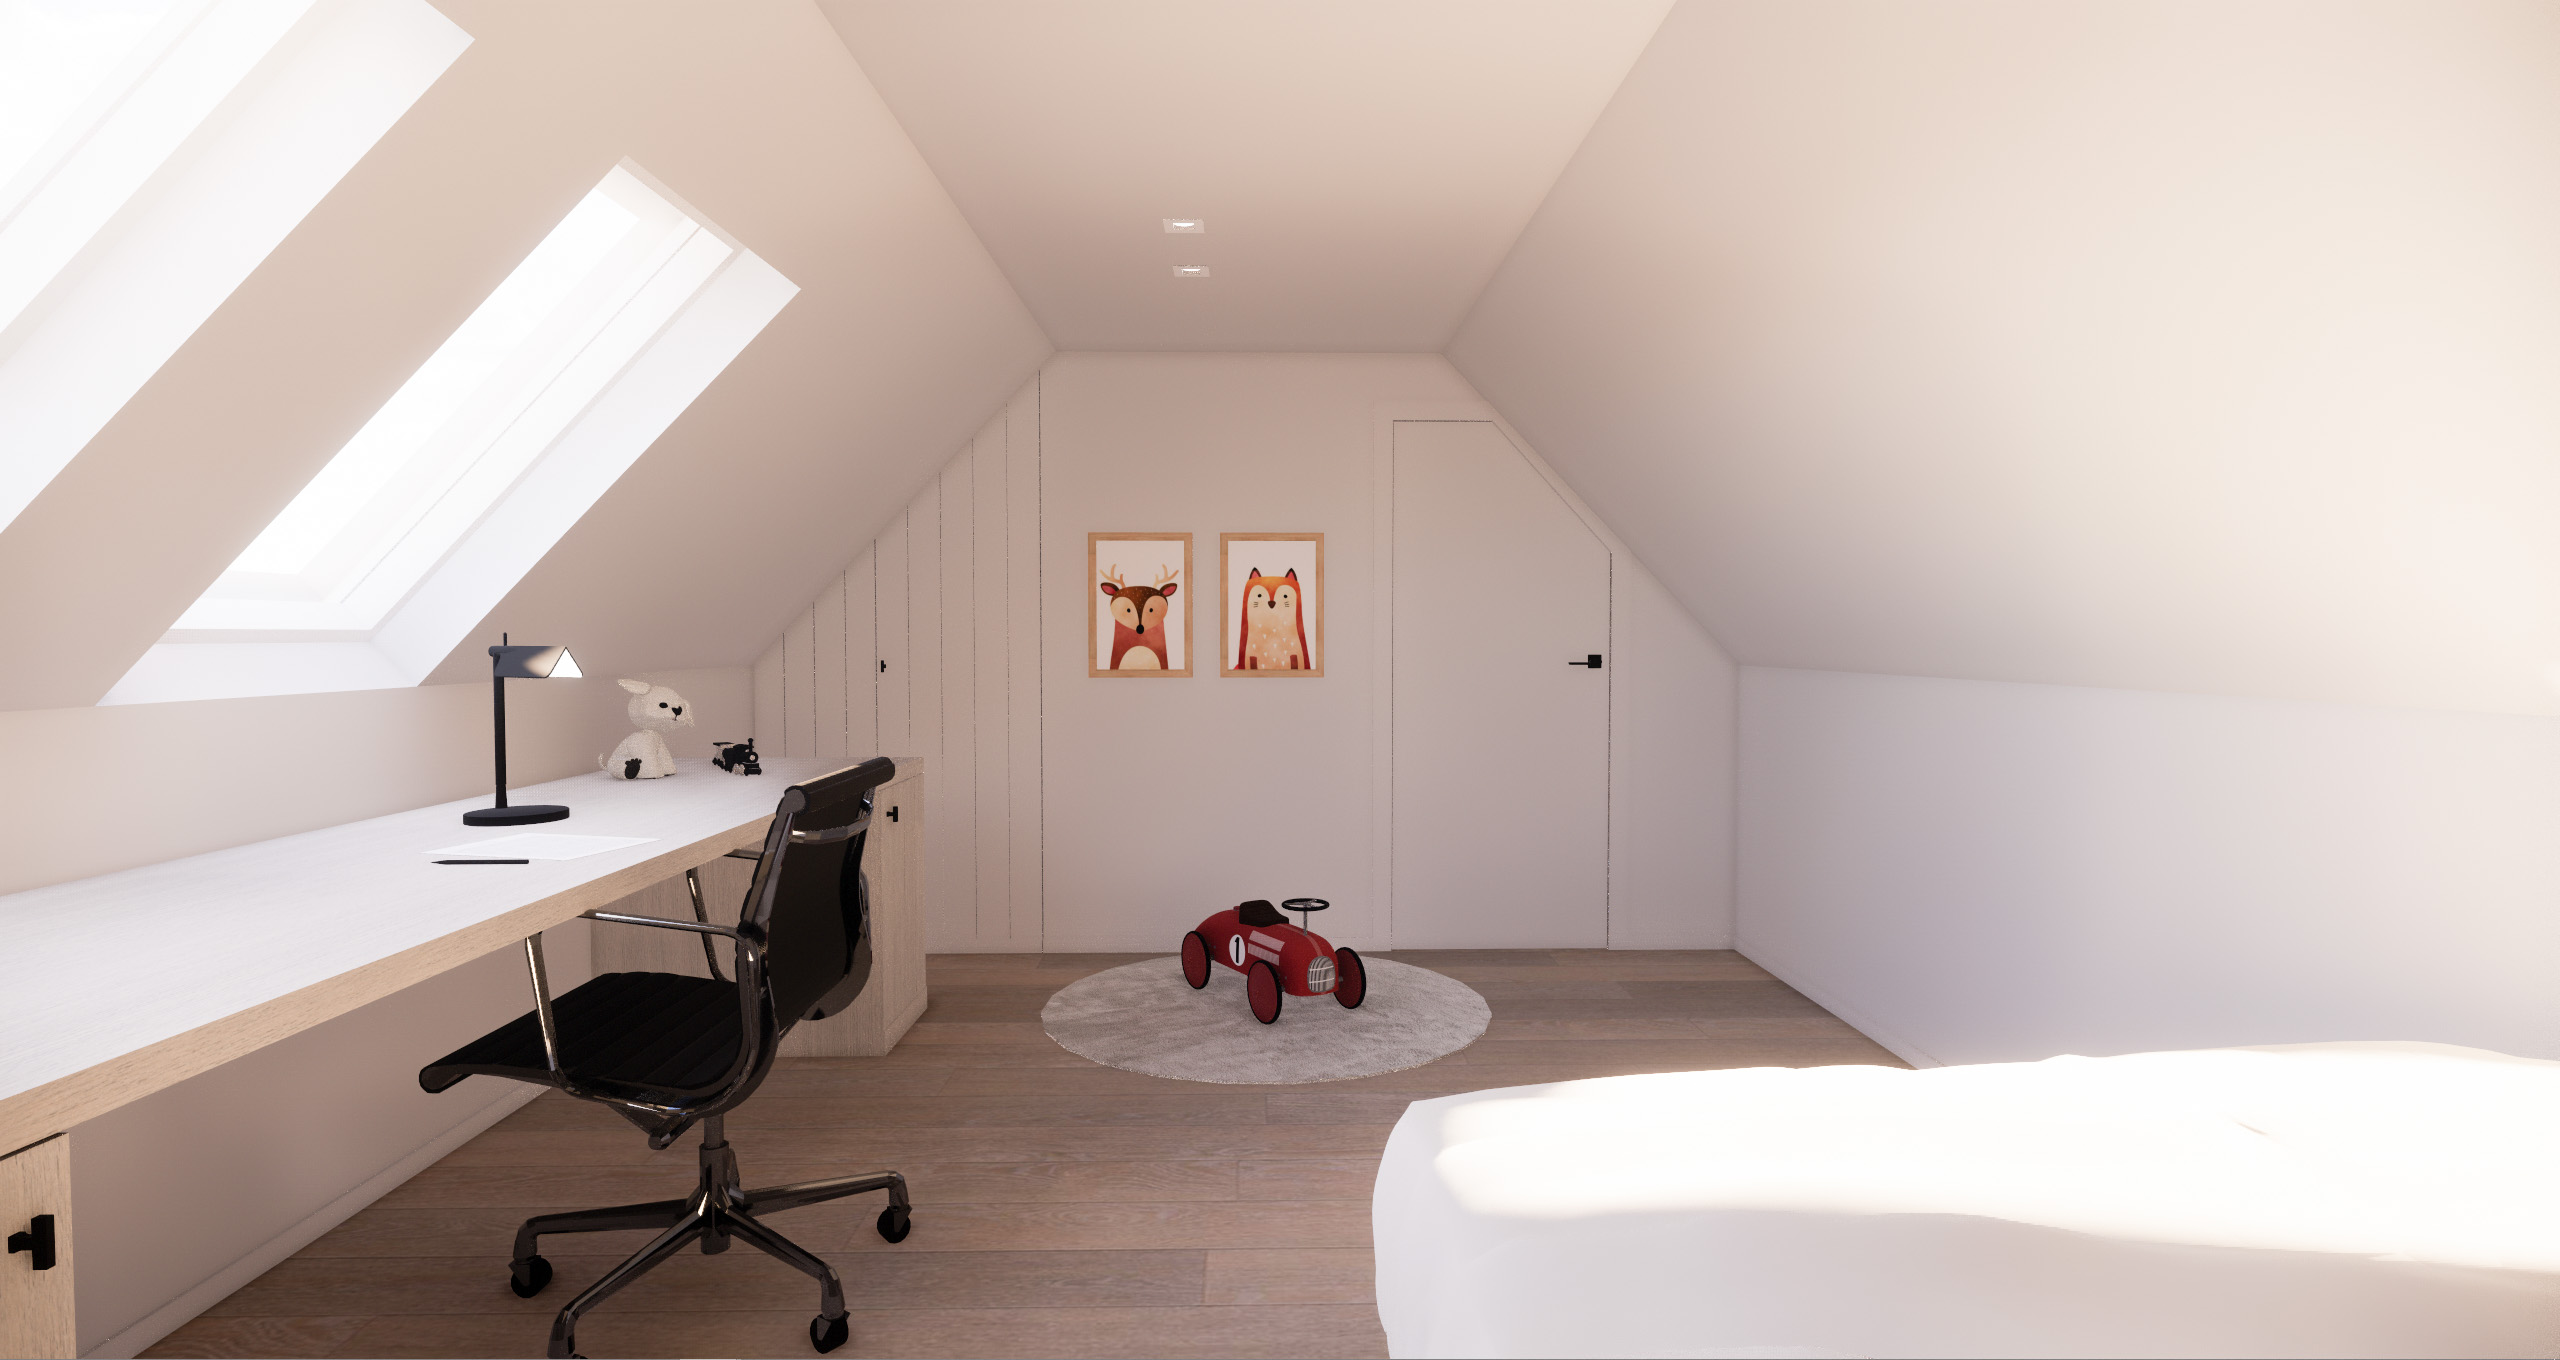 Kinderkamer / Chambre d'enfant Oudenaarde